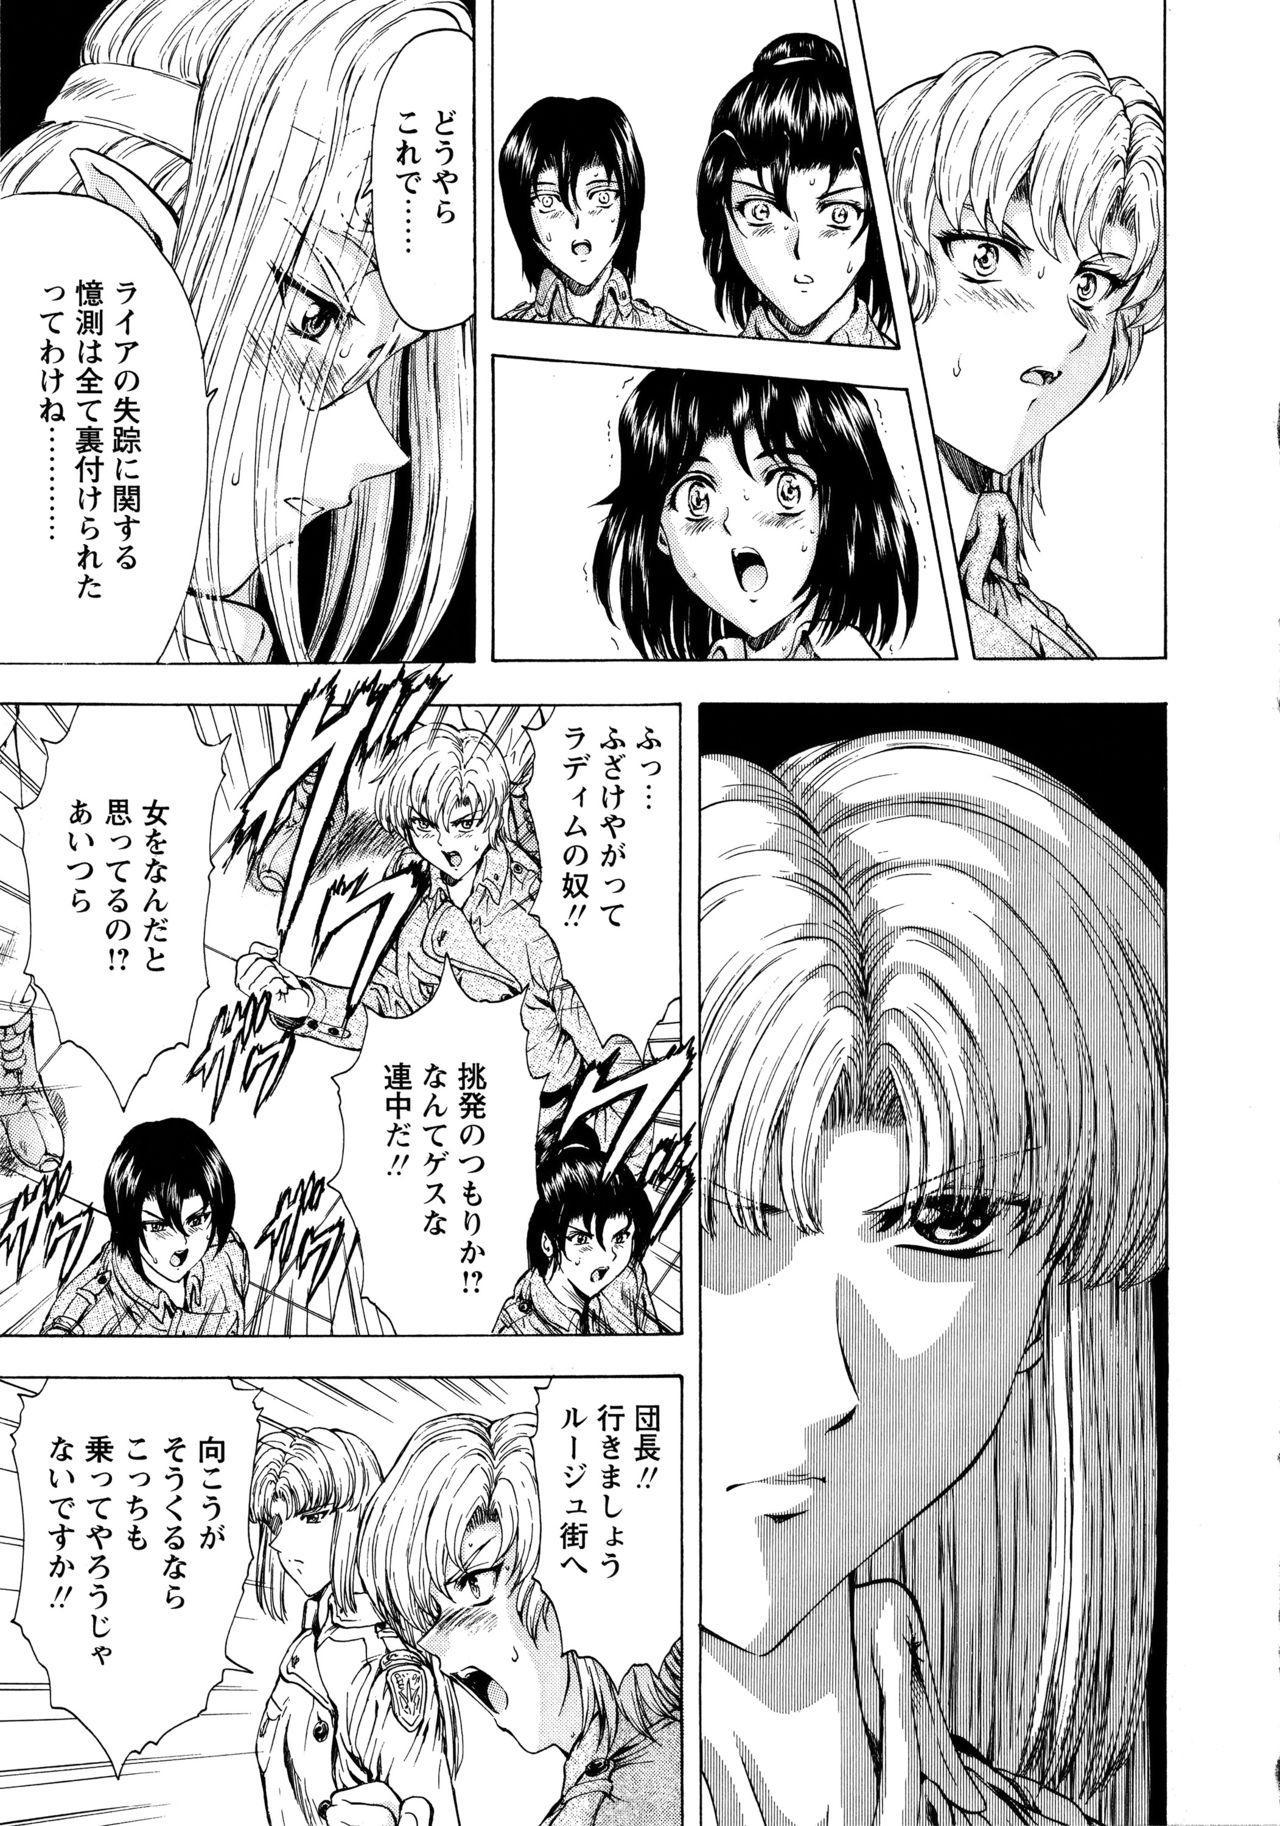 Ginryuu no Reimei Vol. 1 100